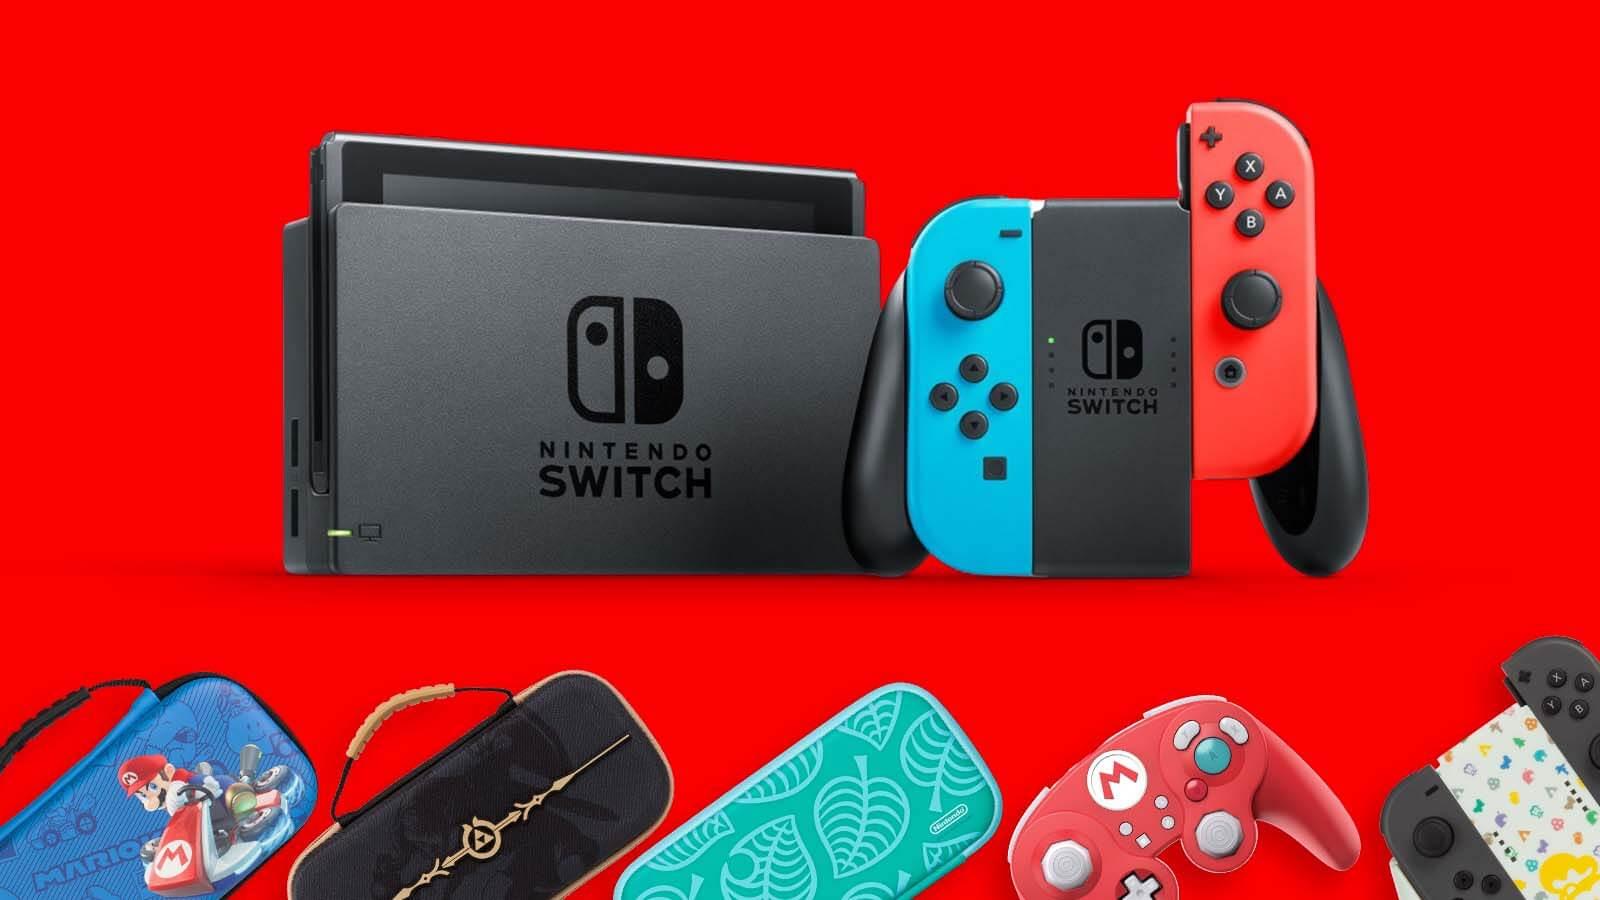 קונים Nintendo Switch ובוחרים אביזר במתנה!